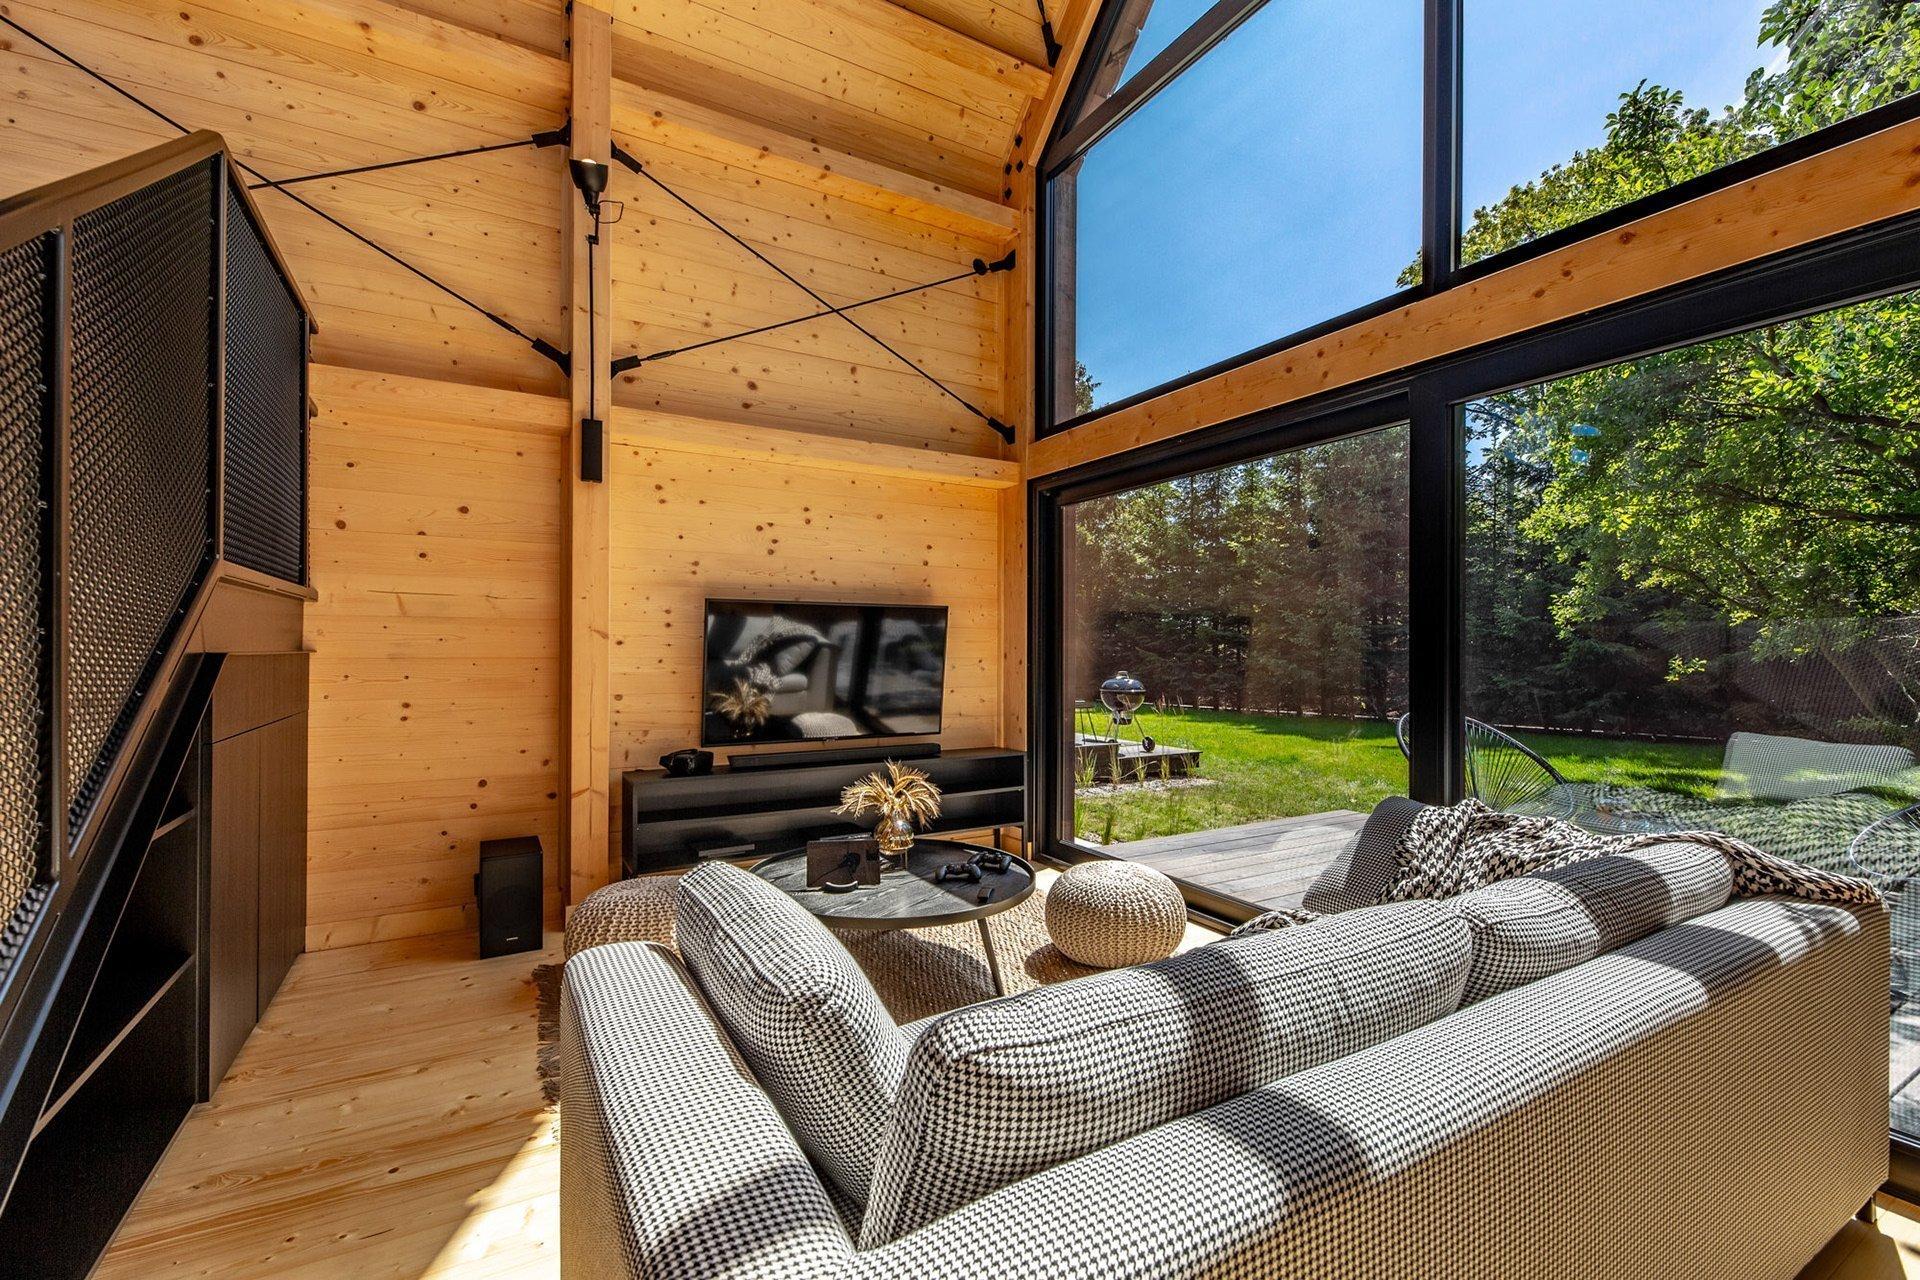 Nechte se okouzlit moderním pojetím typicky saské usedlosti. Camppinus Park je novým řešením moderní dovolené v soukromí i naprostém komfortu chytrých domů.